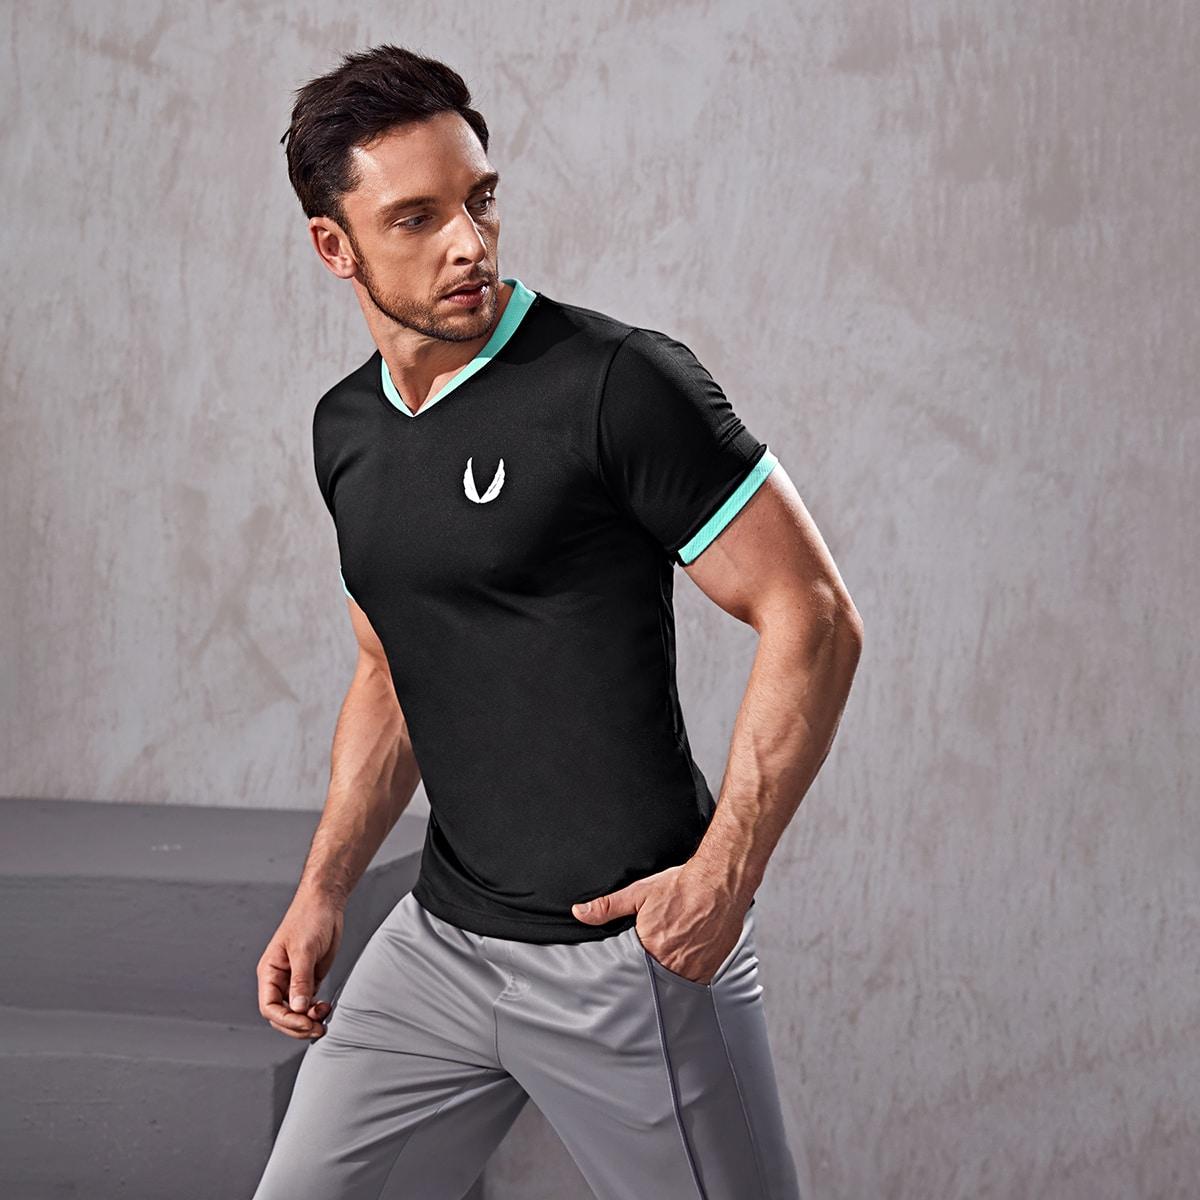 Мужская спортивная футболка с графическим принтом и отстрочкой